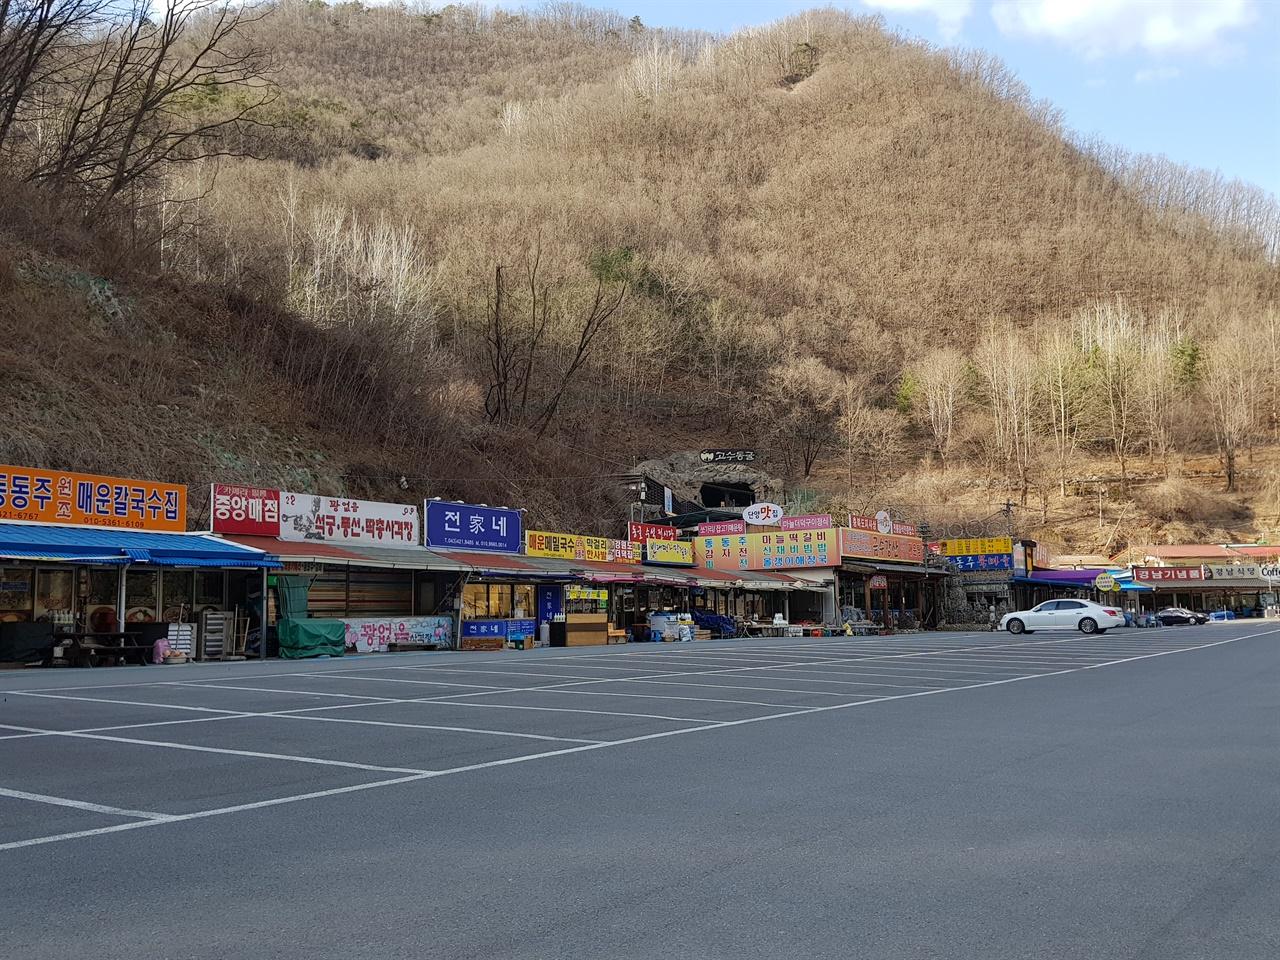 고수동굴 주차장 주말이면 관광객들의 차량으로 몸살을 앓던 고수동굴 주차장이 한산하다.